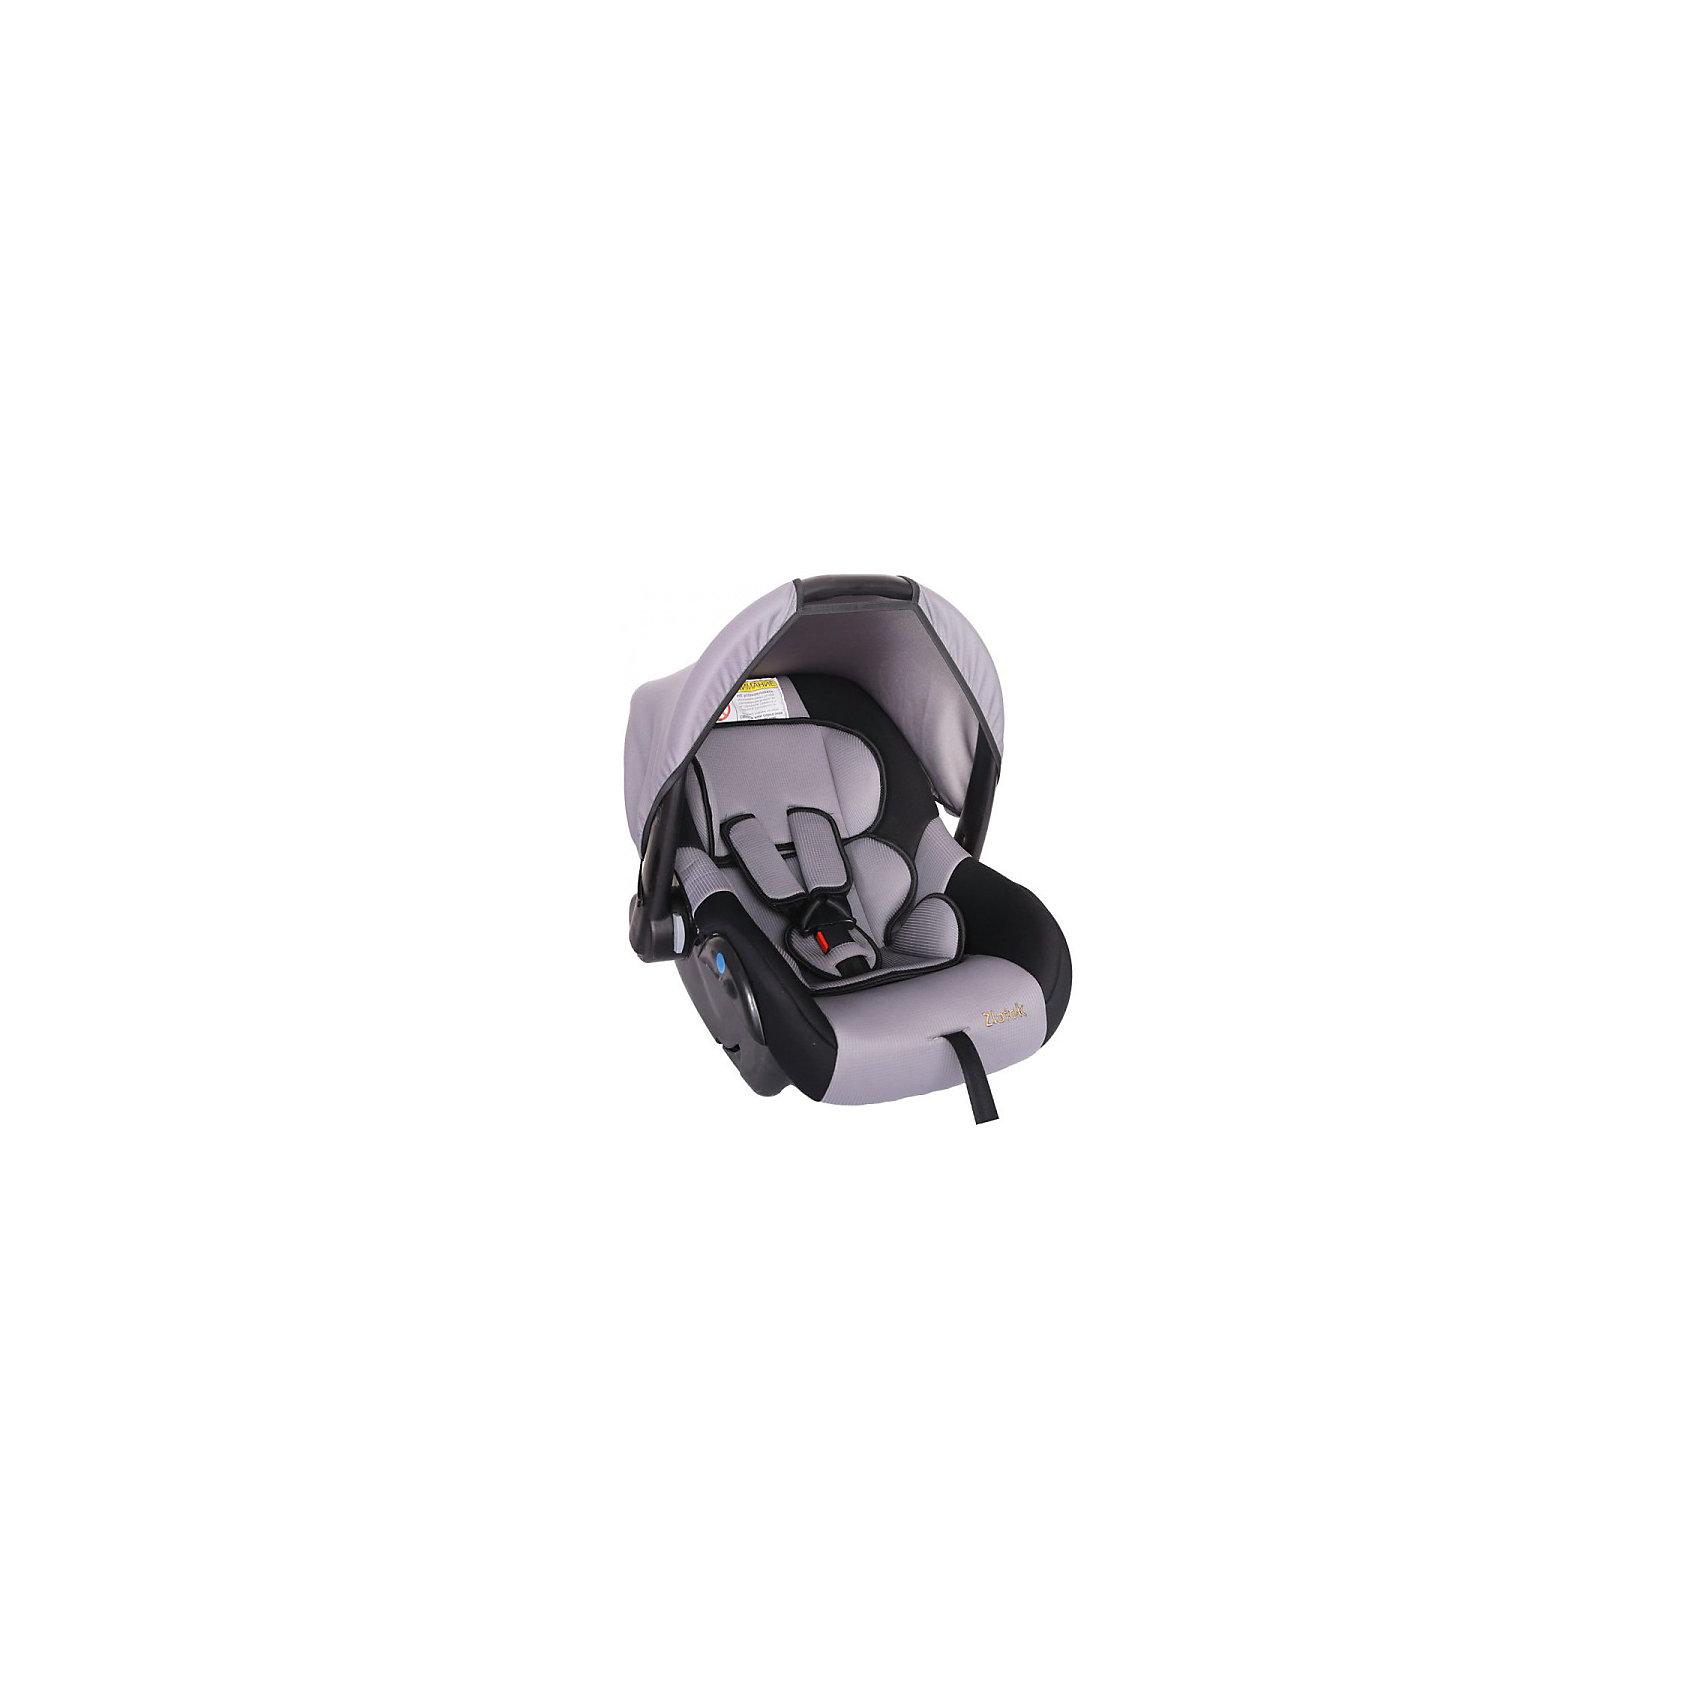 Автокресло Zlatek Colibri 0-13 кг, серыйГруппа 0+ (До 13 кг)<br>Практичное и удобное кресло Colibri Zlatek предназначено для детей от рождения до 1,5 лет, его можно использовать как автокресло, переноску, кресло-качалку и колыбель. У автокресла есть удобная ручка для переноски и съёмный капюшон, который защищает ребенка от солнца. Внутренние 3-точечные ремни оснащены мягкими наплечниками, и легко регулируются под рост ребенка.<br><br>Дополнительная информация:<br><br>- Материал: текстиль, пластик, металл.<br>- Размер: 60x37x36 см<br>- Возраст: от 0 до 18 месяцев<br>- Группа: 0+ (до 13 кг)<br>- Вес кресла: 3.7 кг<br>- Внутренние 3-точечные ремни безопасности<br><br>Автокресло Colibri 0-13 кг., Zlatek, серый можно купить в нашем интернет-магазине.<br><br>Ширина мм: 600<br>Глубина мм: 360<br>Высота мм: 370<br>Вес г: 3700<br>Возраст от месяцев: 0<br>Возраст до месяцев: 18<br>Пол: Унисекс<br>Возраст: Детский<br>SKU: 4809128